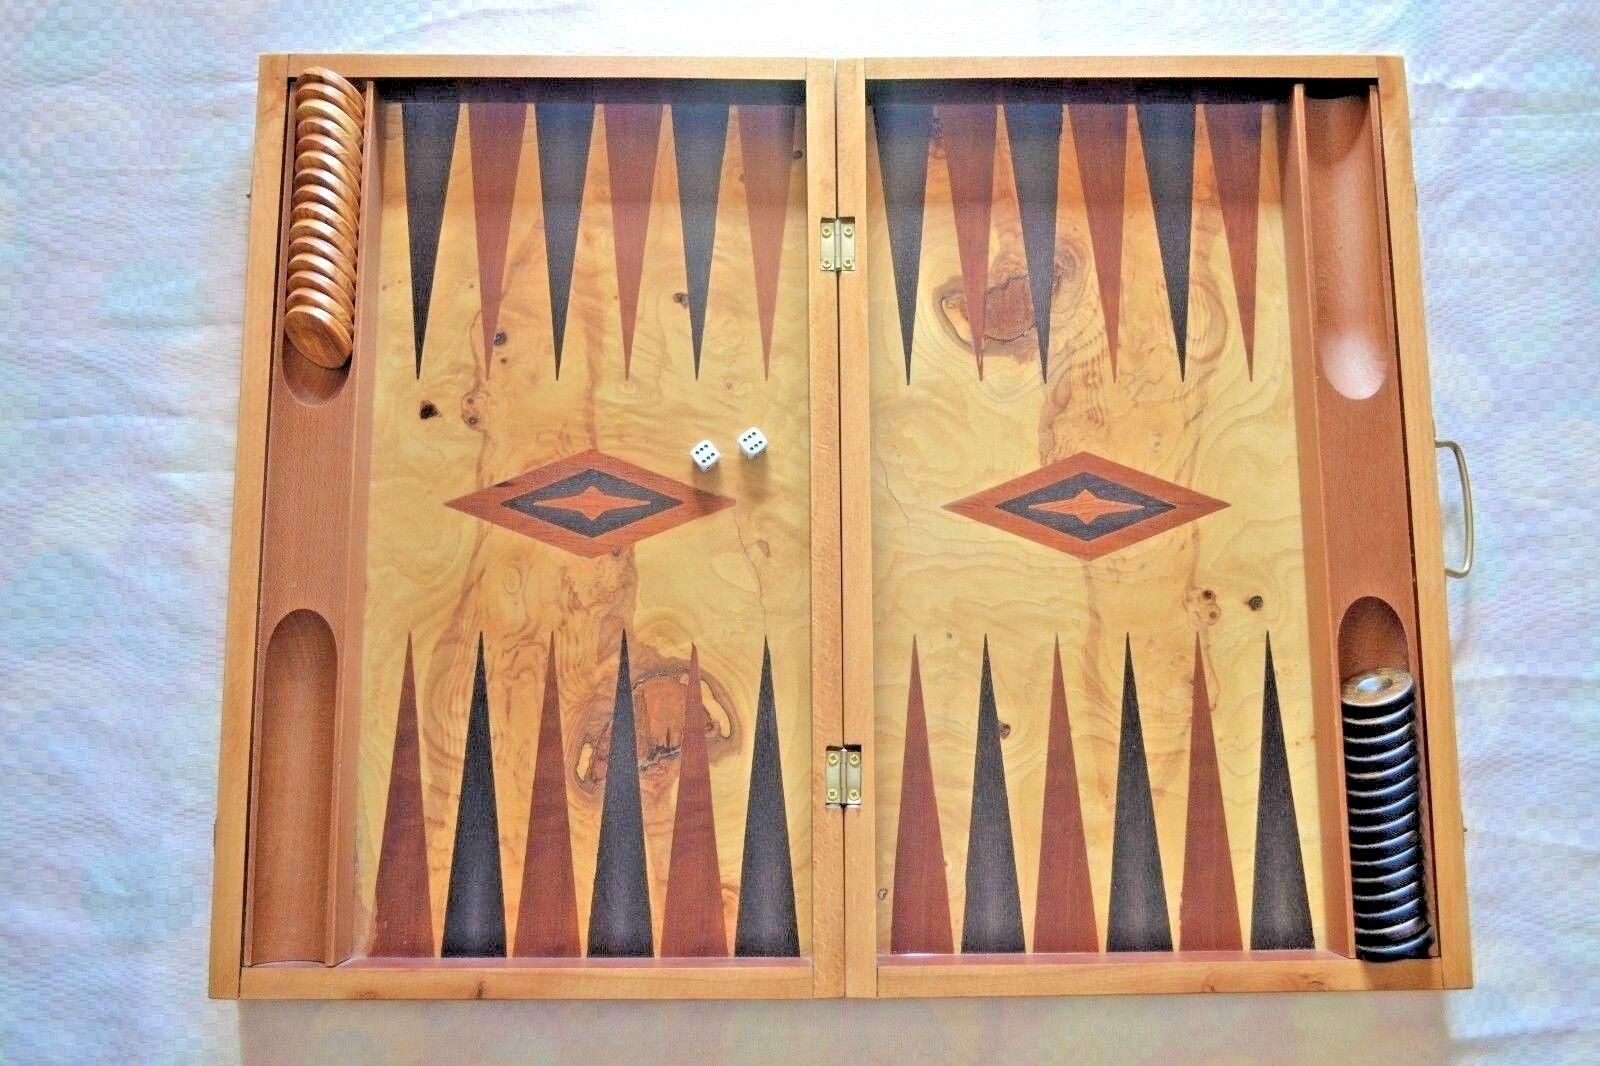 Hecho a mano madera de olivo de raíz tradicional Backgammon Juego Set-Grande Retro Vintage